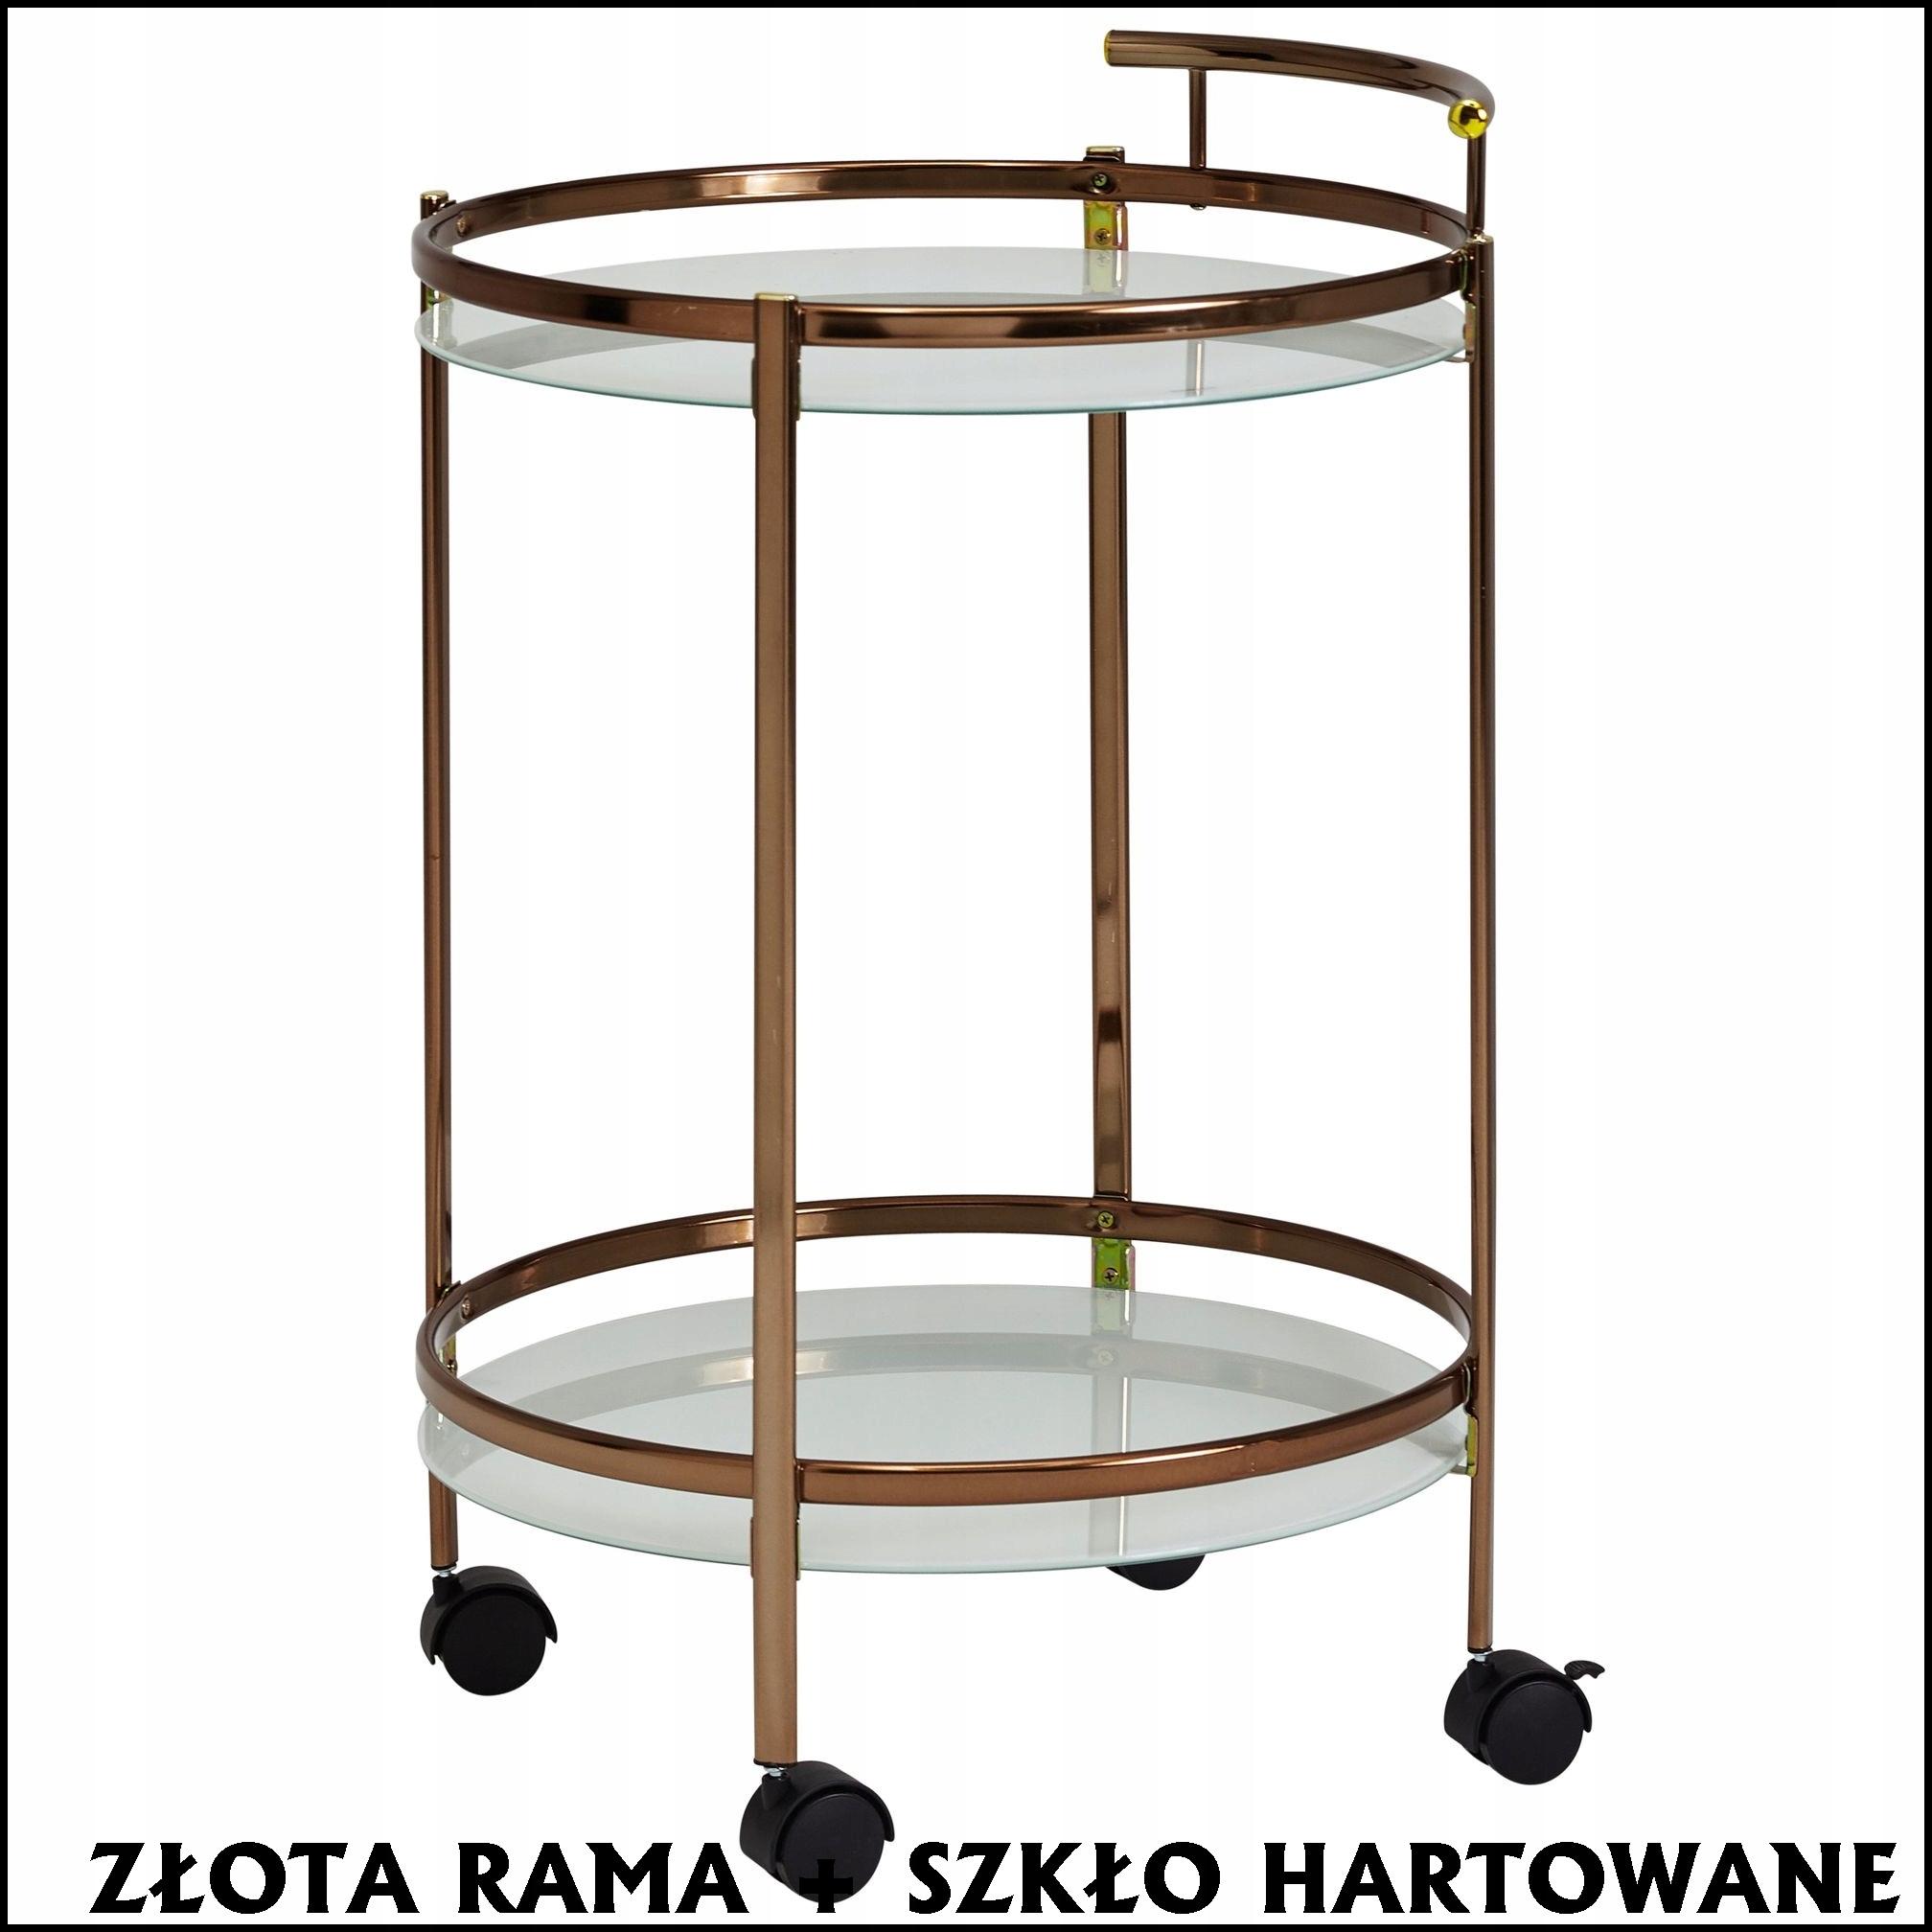 Kuchynský servírovací vozík RETRO so zlatým rámom